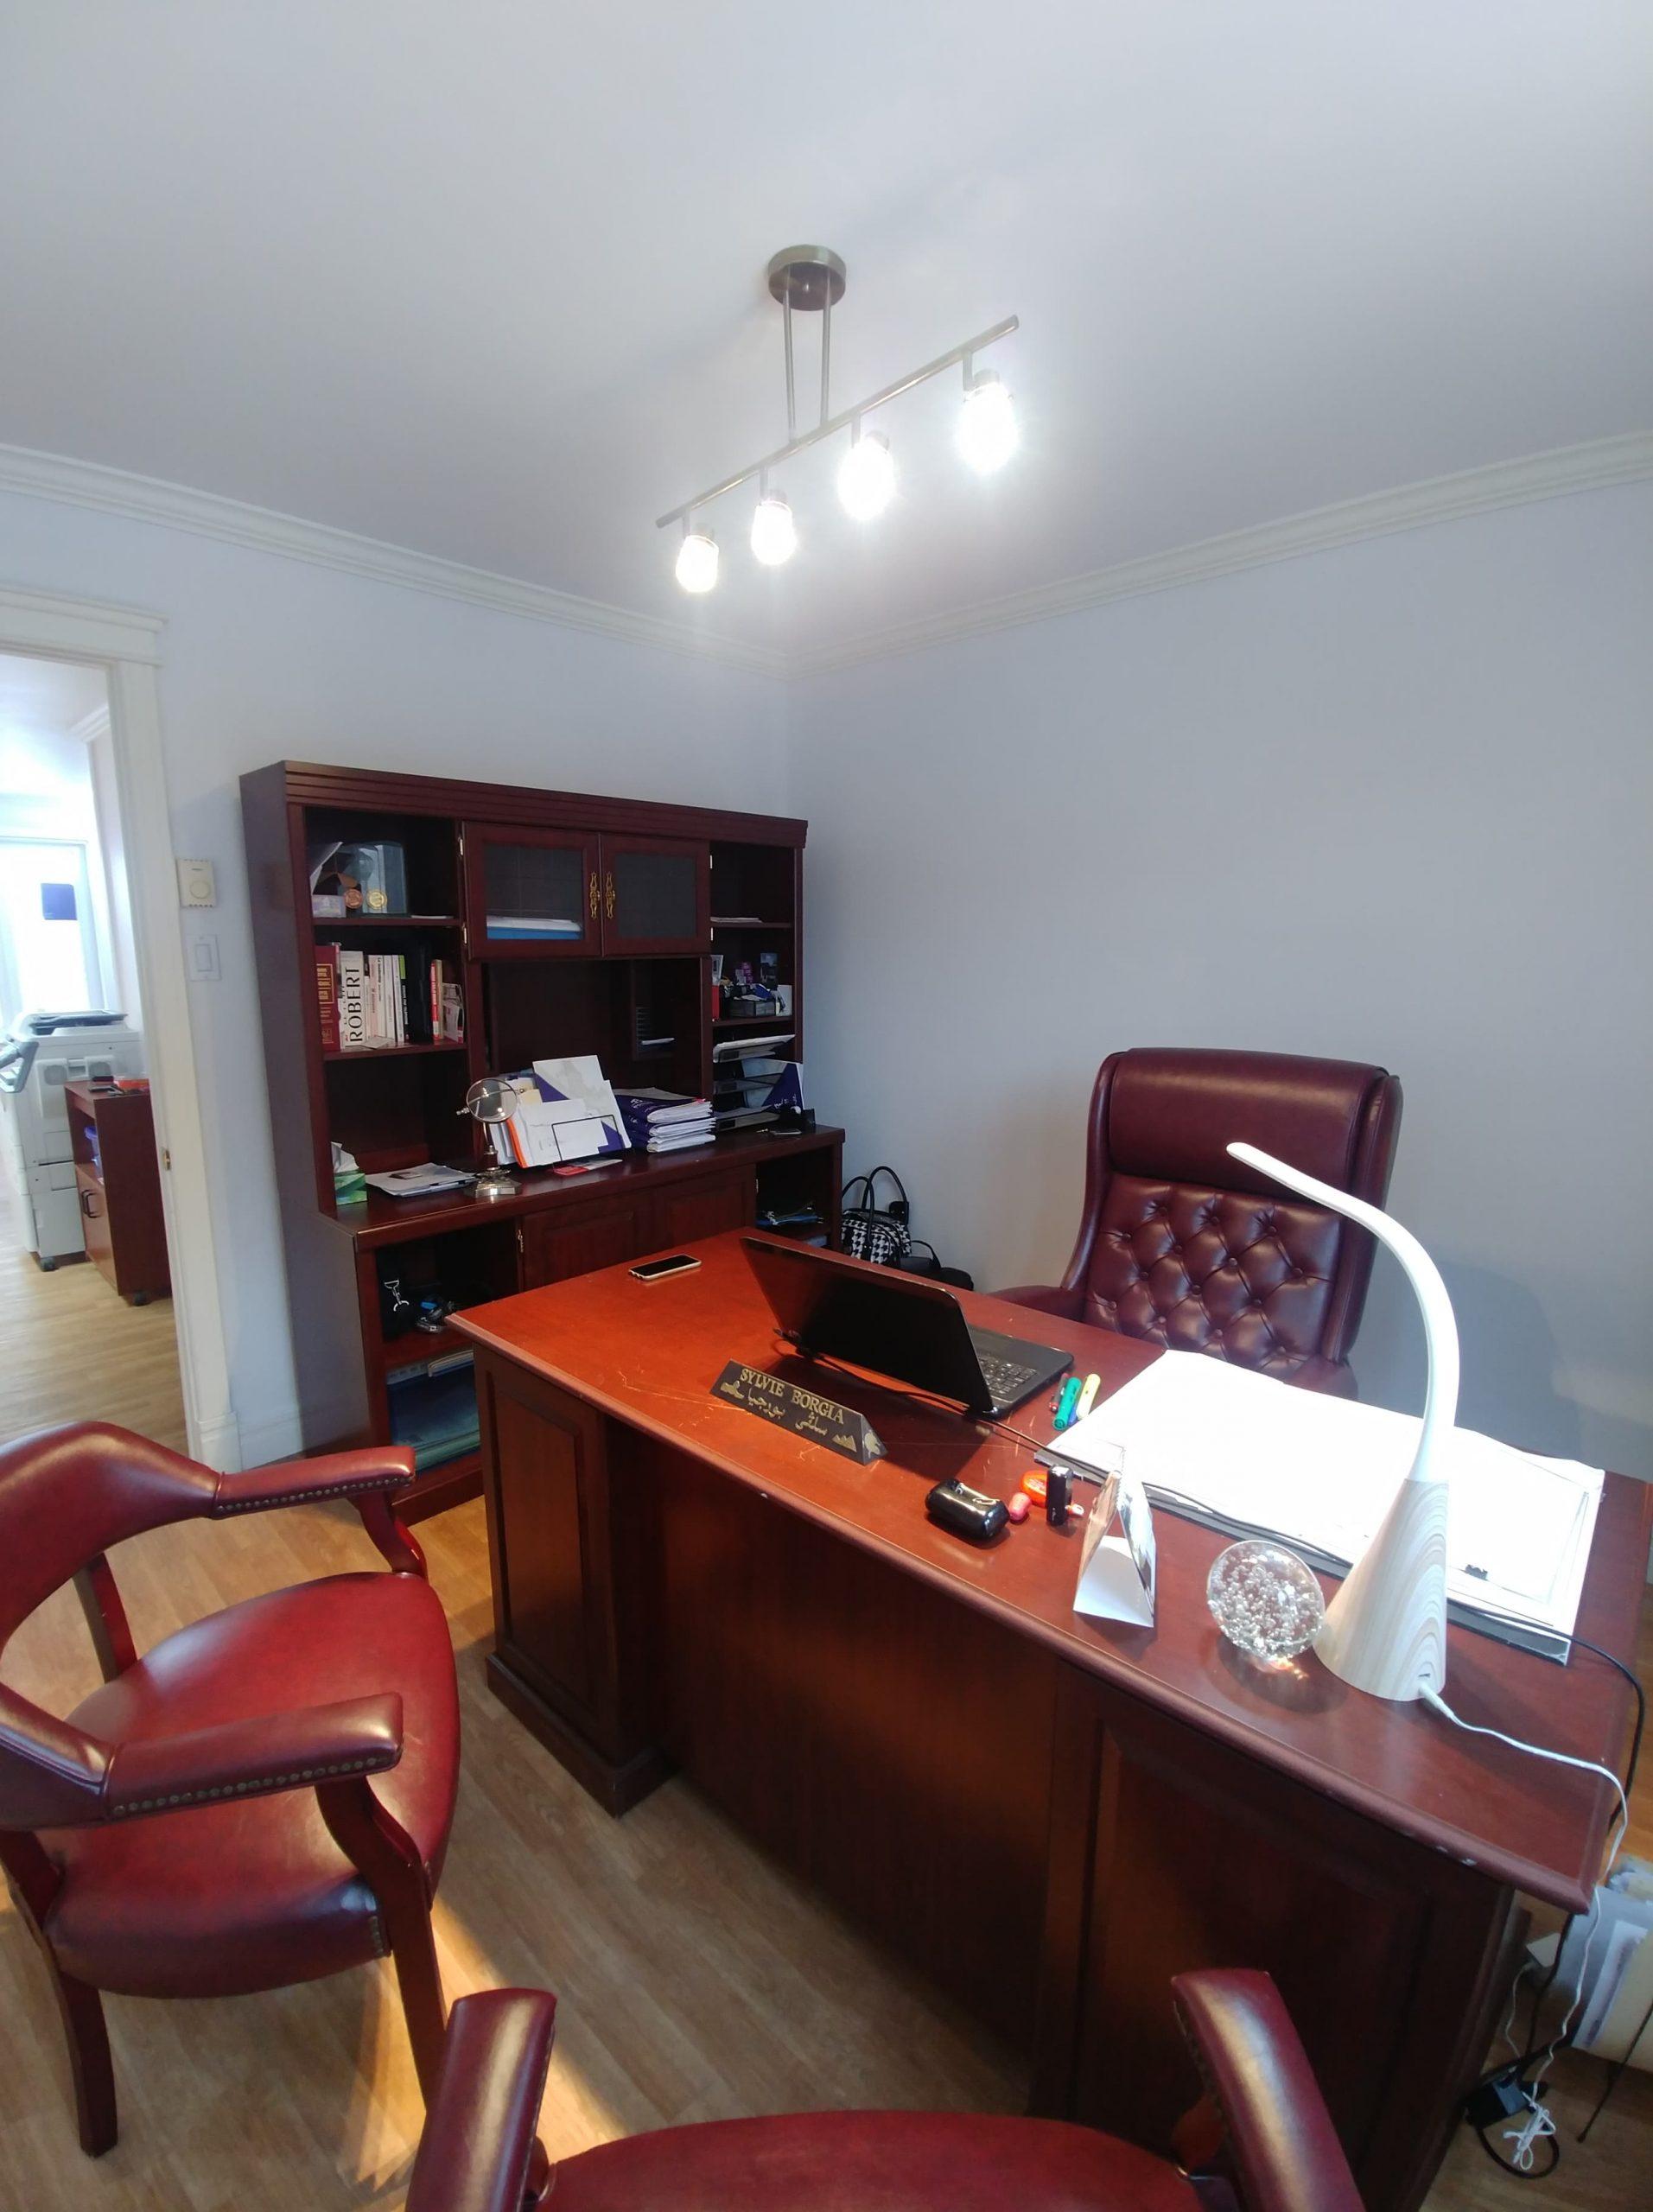 Photo 5 : Espace de bureau pour professionnel, Tout inclus. Secteur L'Ancienne-Lorette